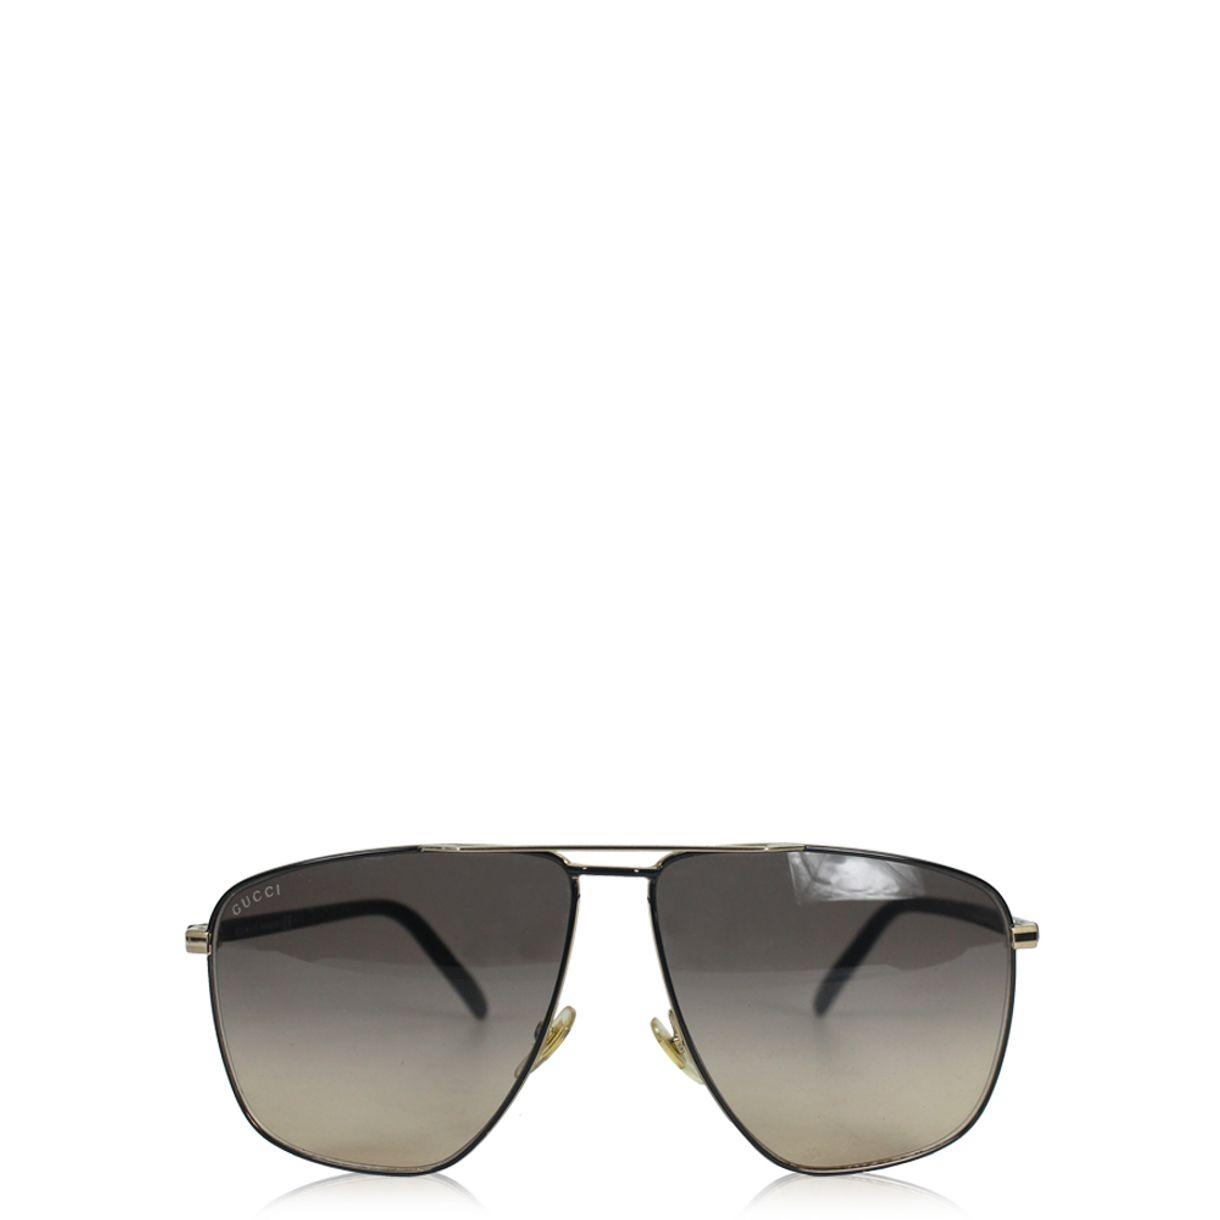 Oculos-Gucci-Square-Marrom